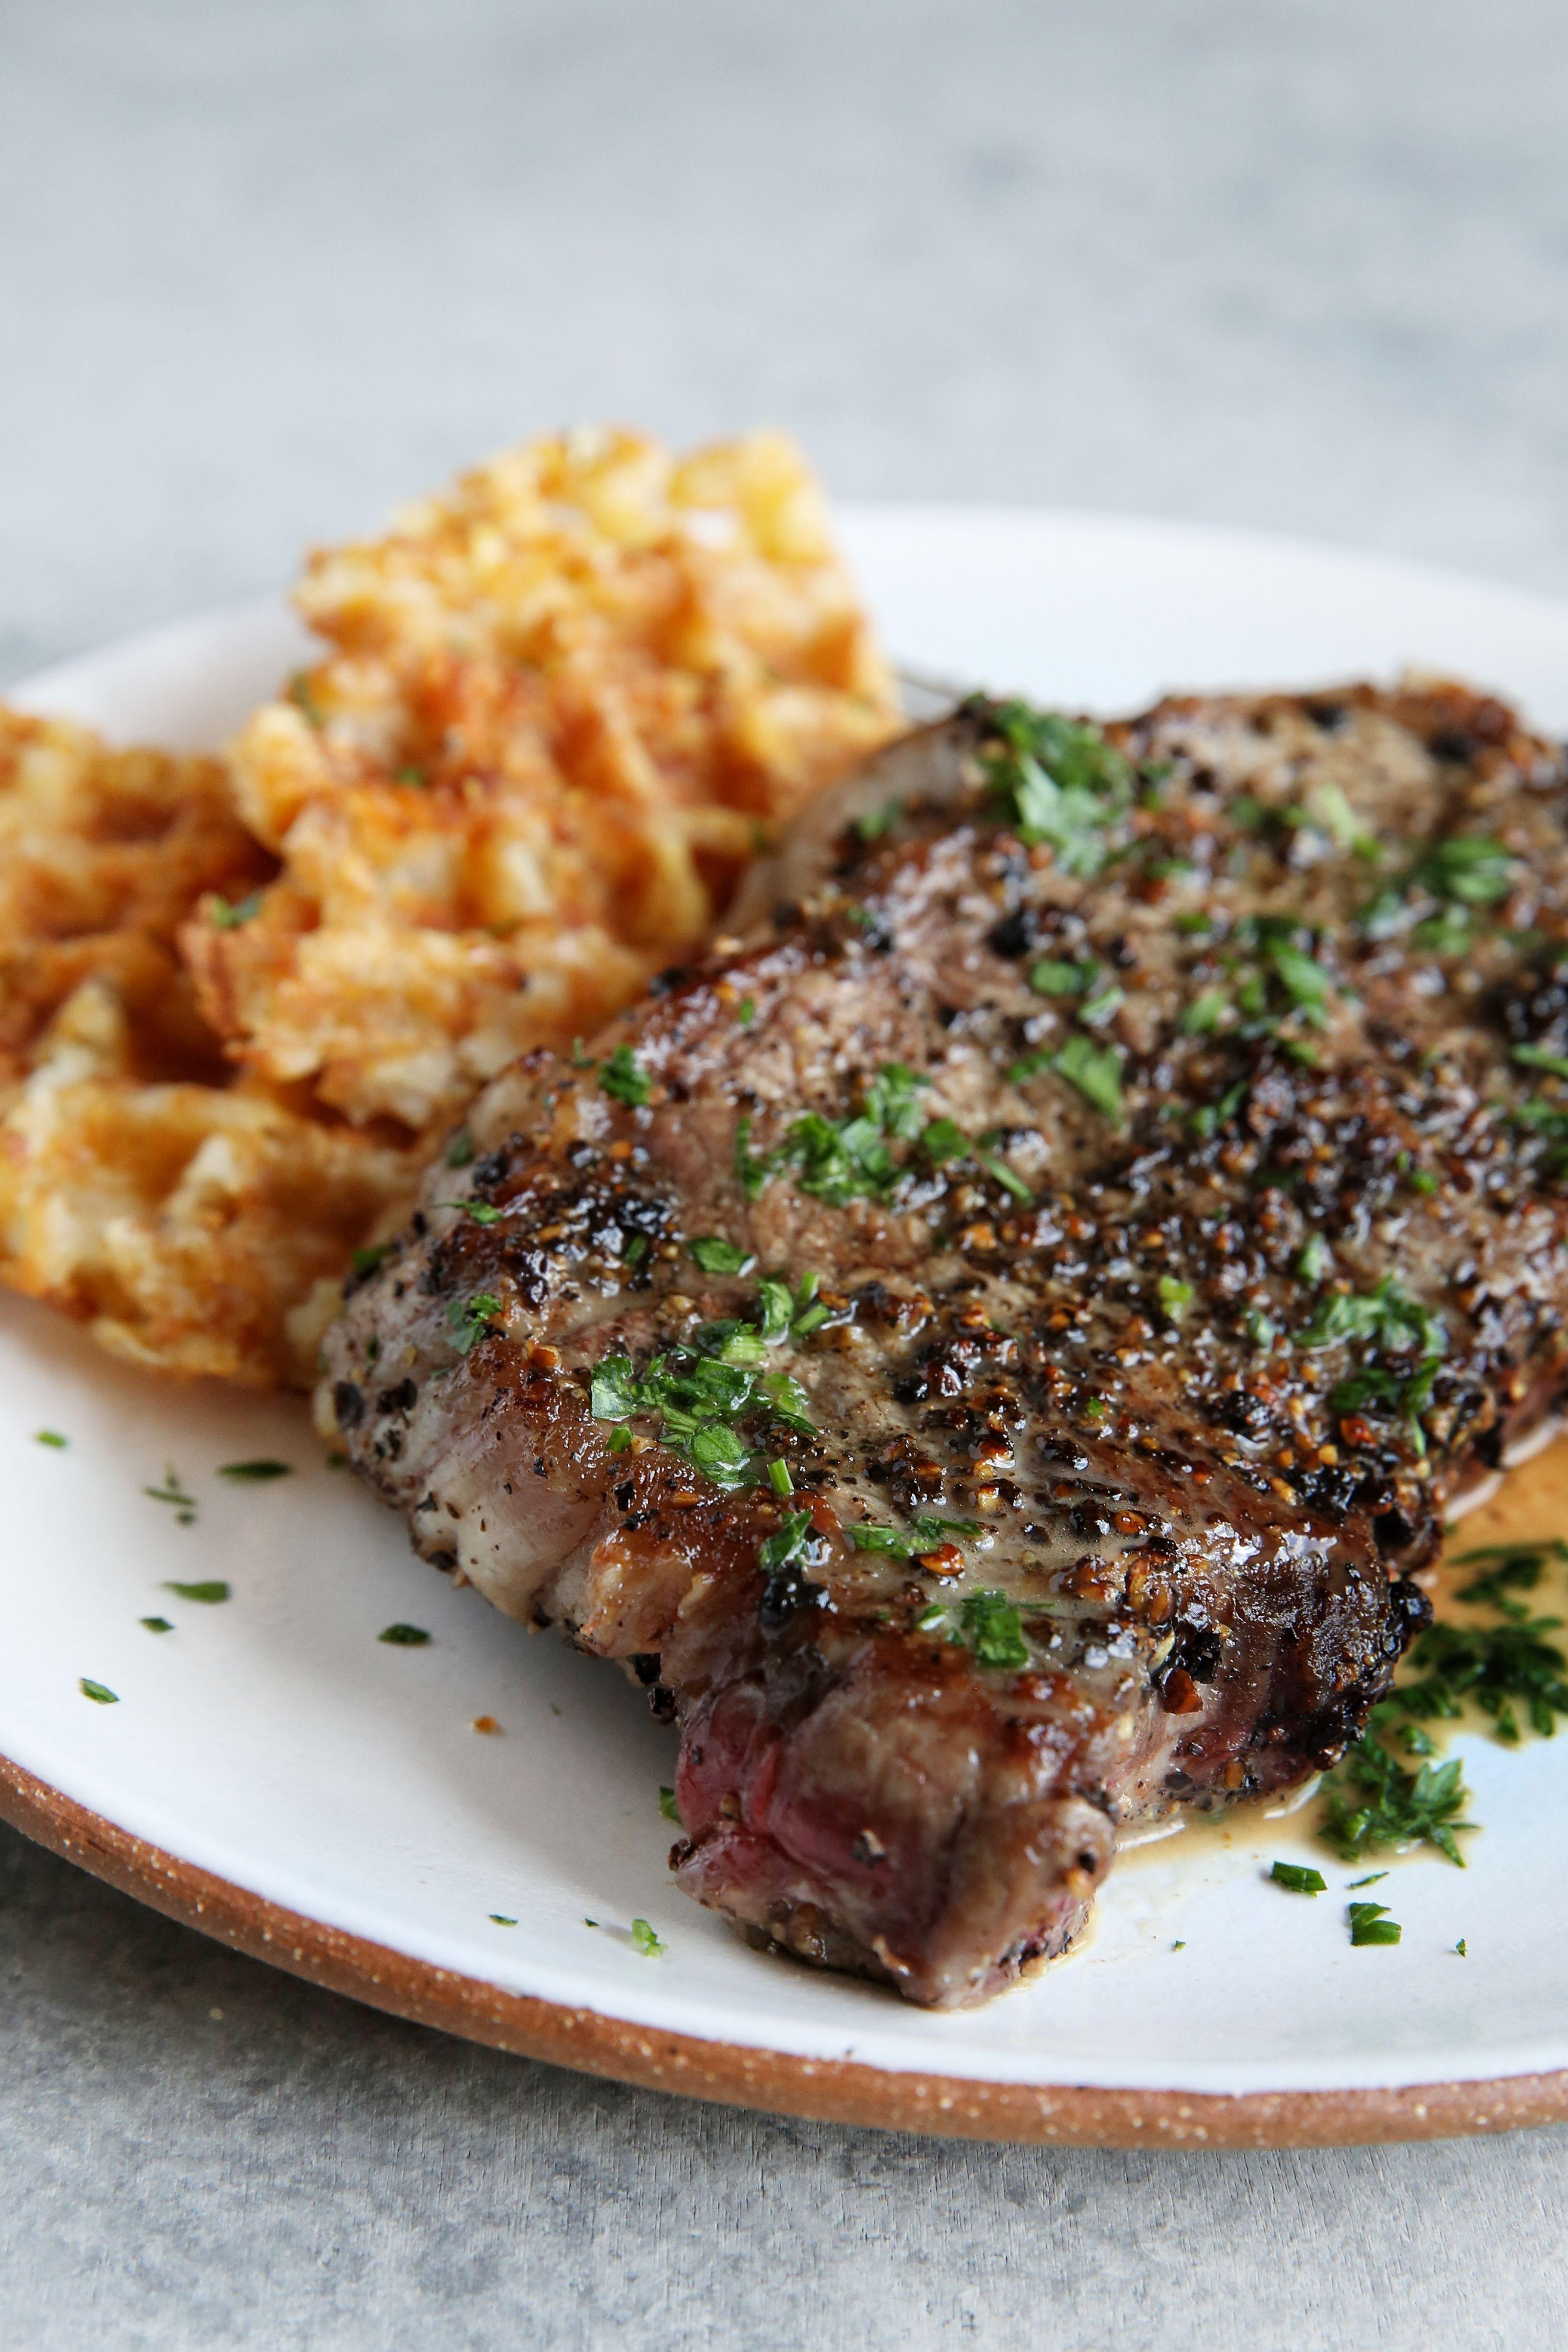 Fascinating Steak Tater Tot Wafflesp1 Sides Shrimp 1472211496 Steak Au Poivre Steak Chips Sides nice food Best Sides For Steak